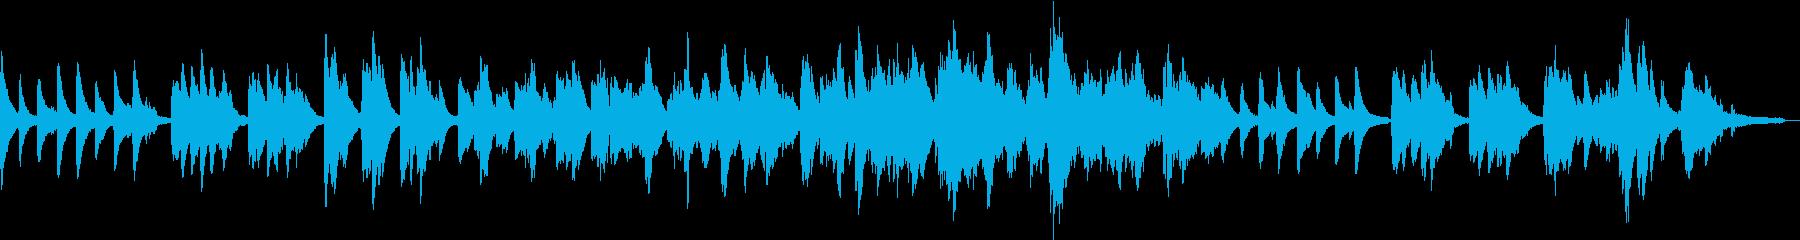 透明感のあるピアノソロの再生済みの波形